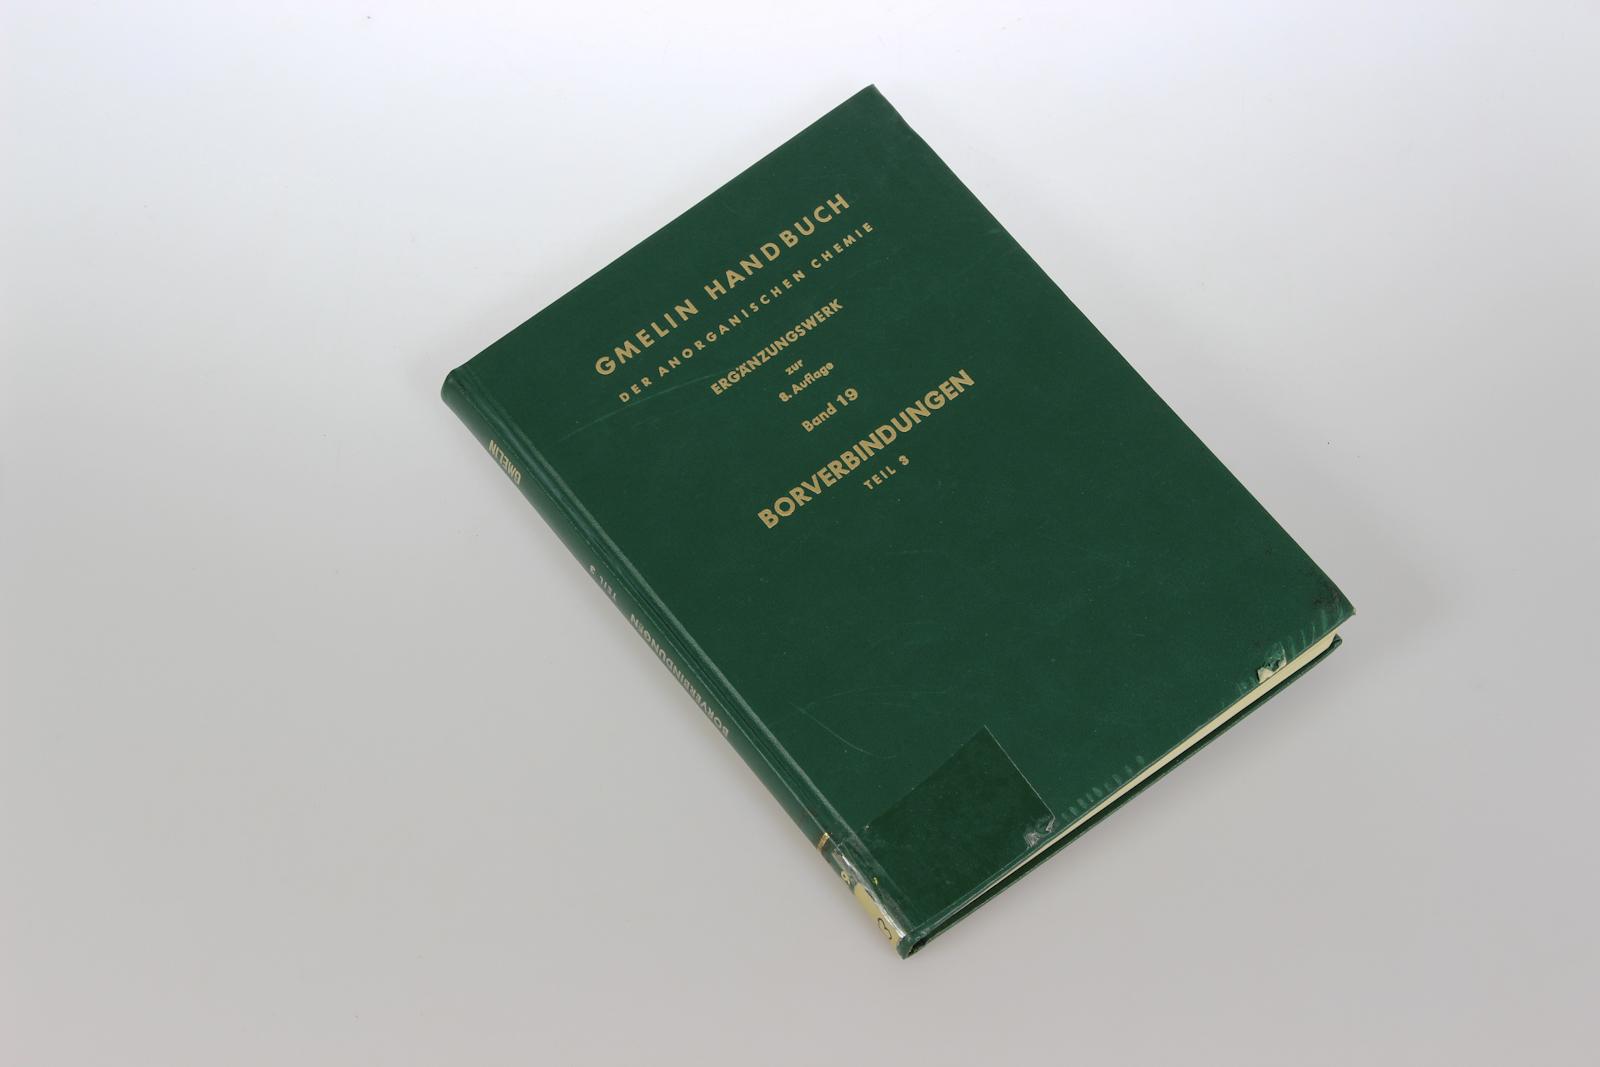 Gmelins Handbuch der Anorganischen Chemie. Ergänzungswerk zur 8. Auflage. Bd.19: Borverbindungen, Teil 3: Verbindungen des Bor mit den Nichtmetaollen S, Se, Te, P, As, Sb, Si und mit Metallen.